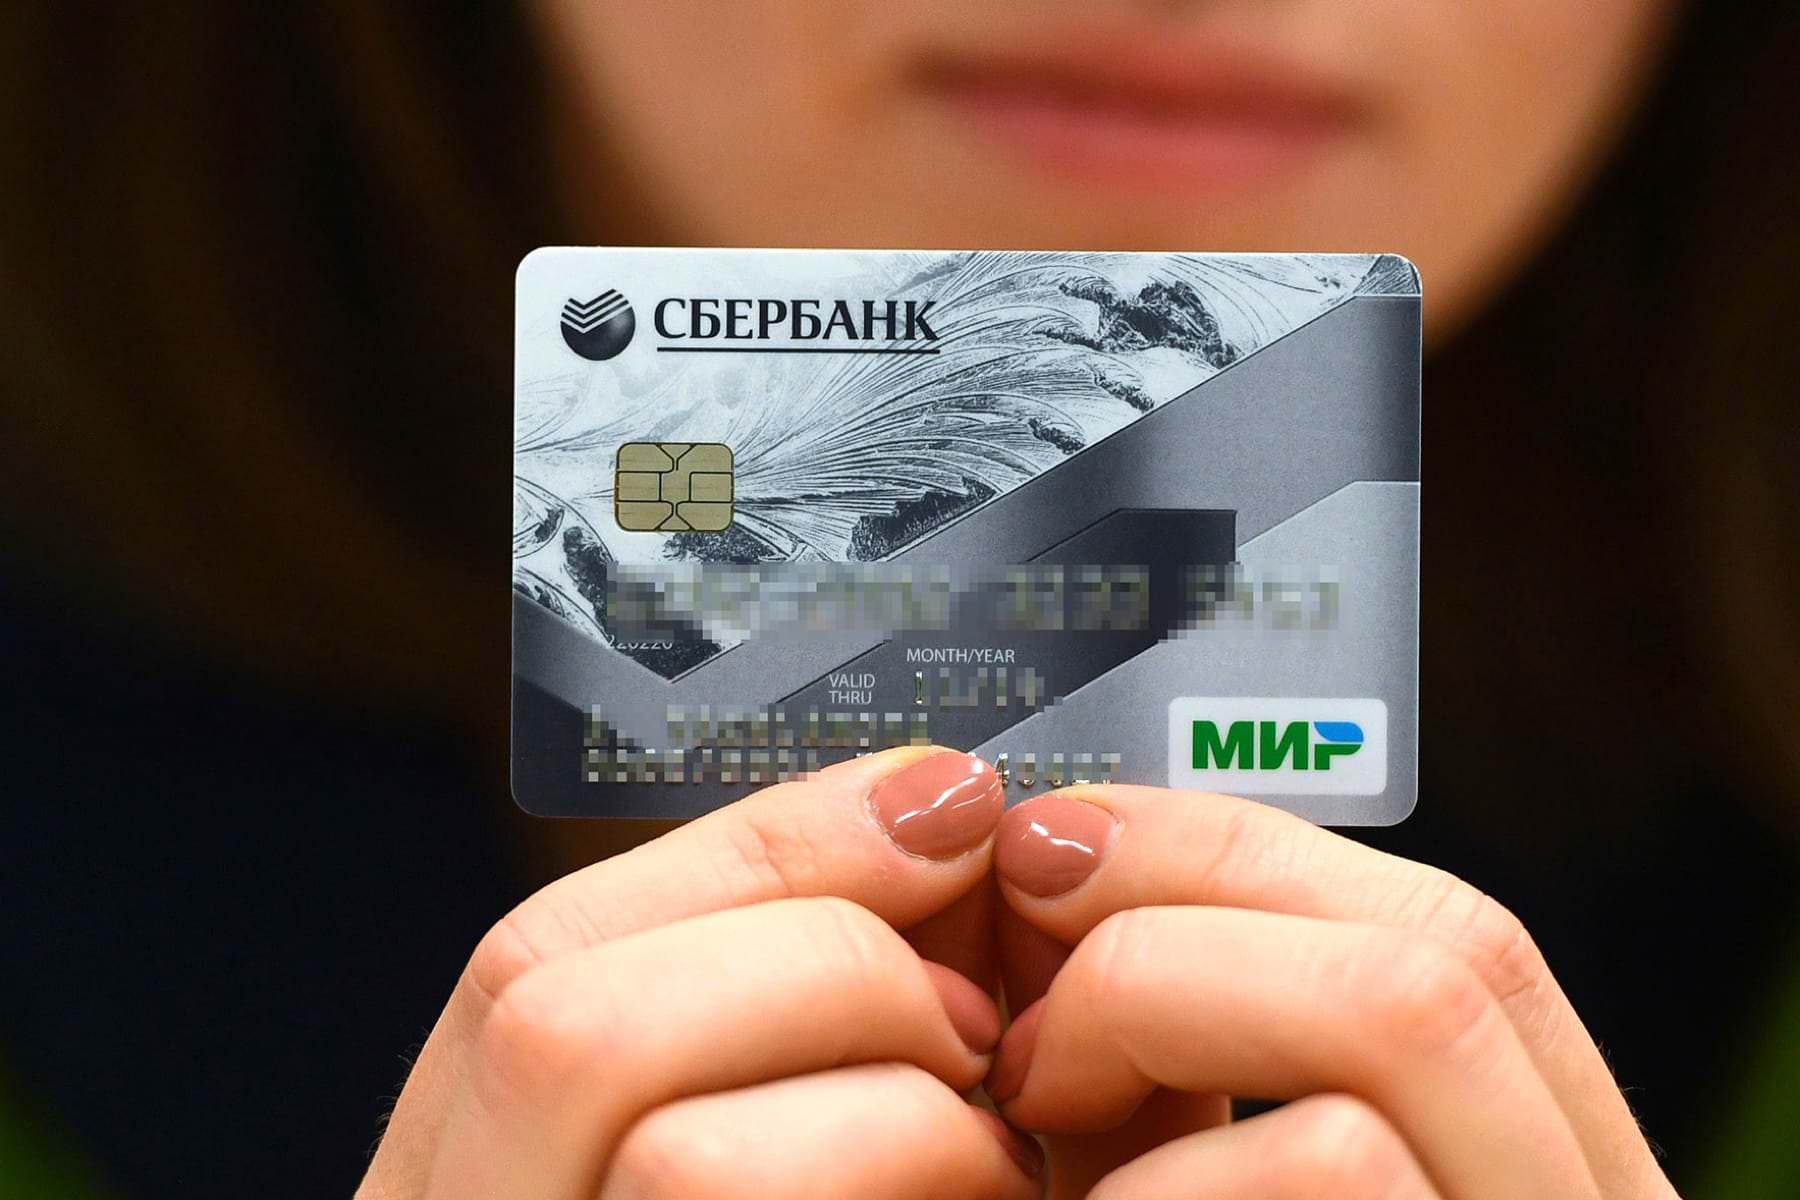 почта банк кредит контакты